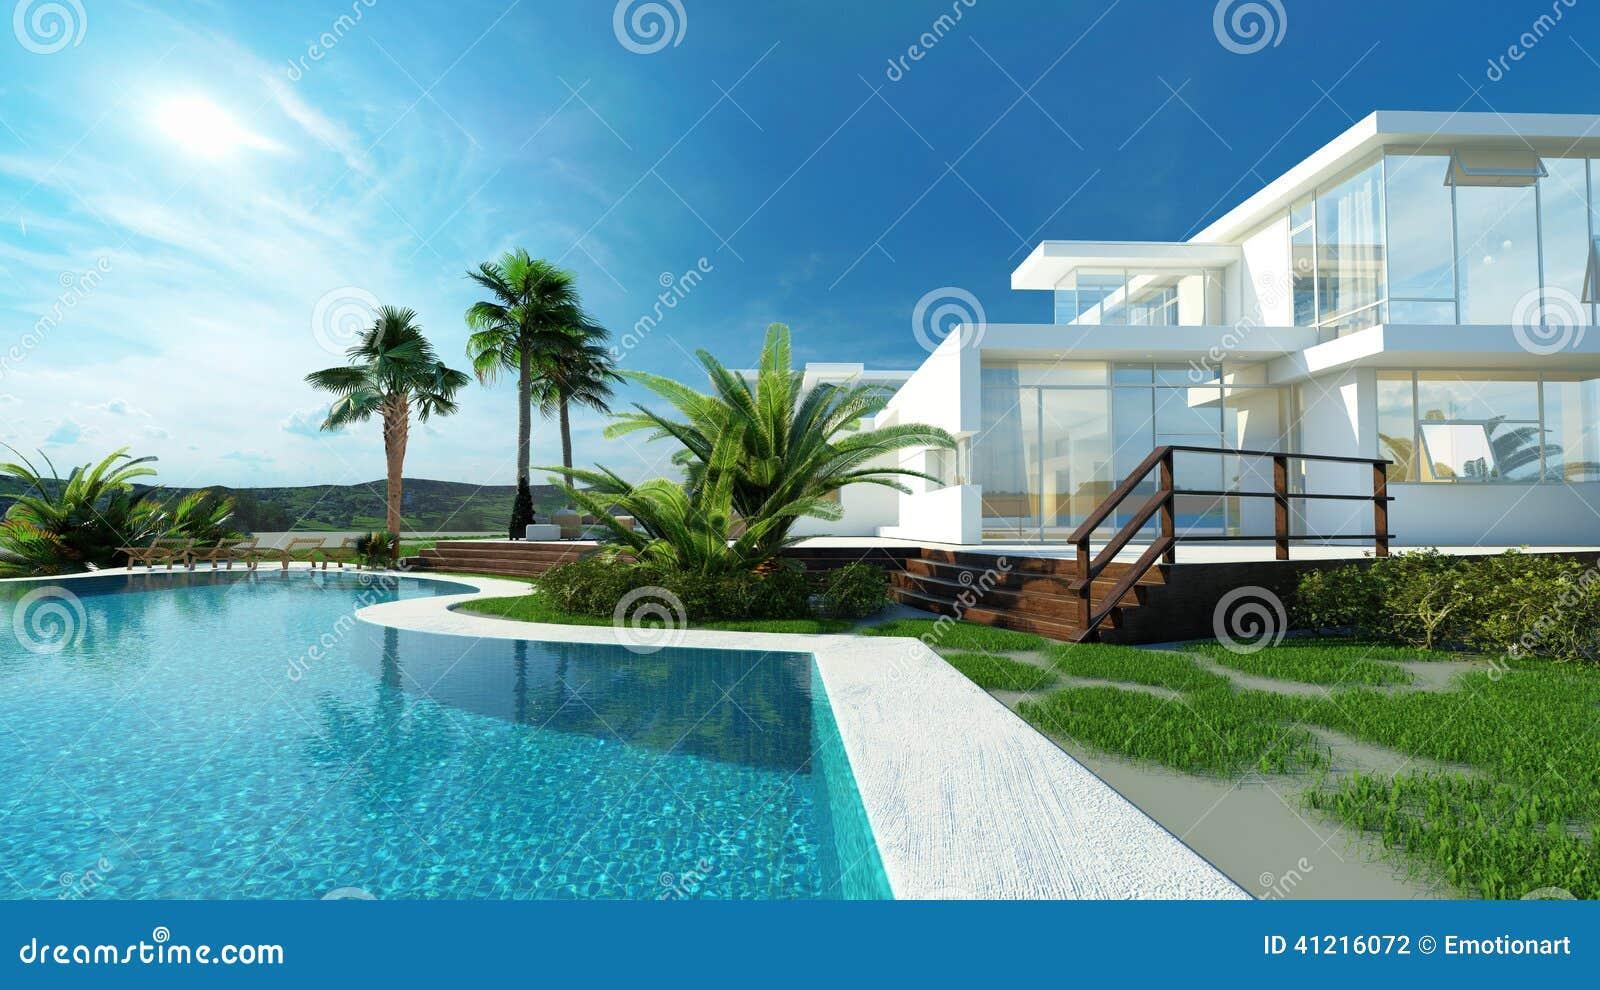 Casa de lujo con un jard n y una piscina tropicales stock for Casas con jardin y piscina